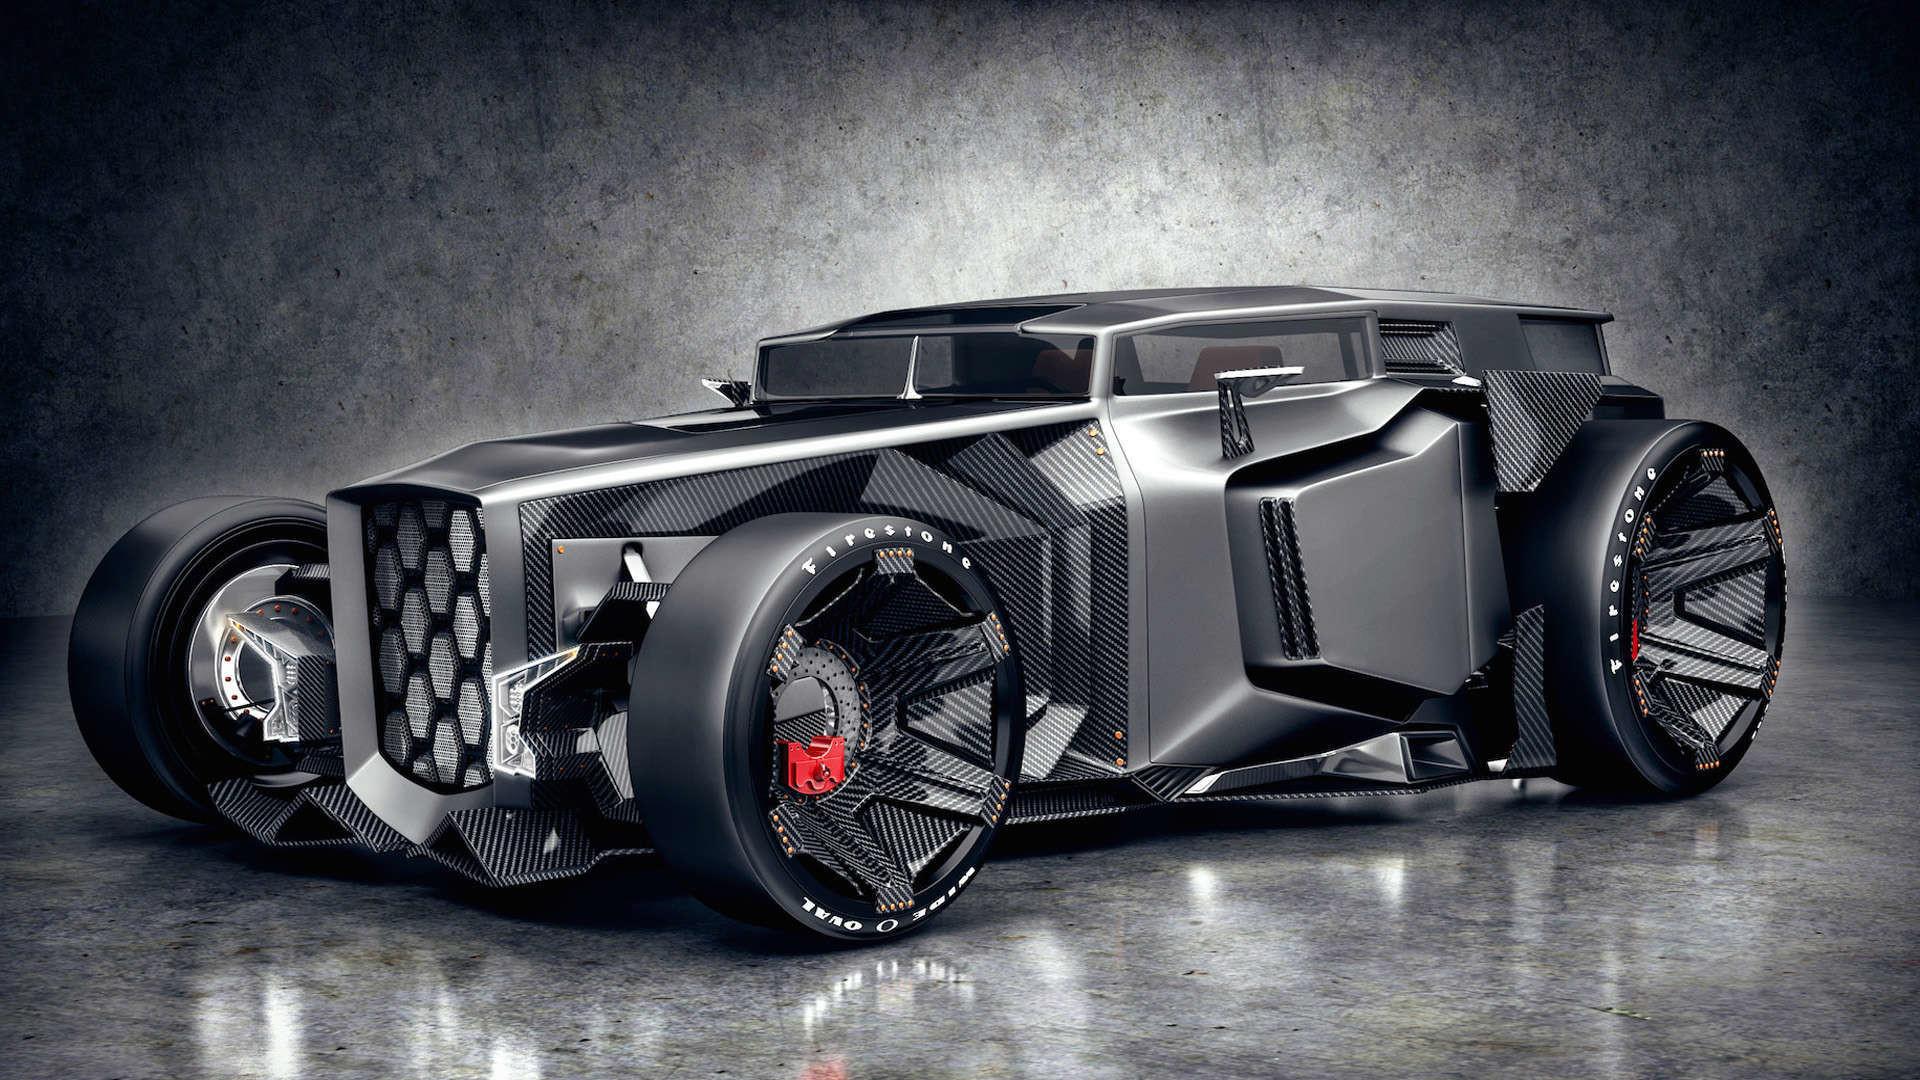 Wallpaper: 2015 Lamborghini Rat Rod Concept HD Wallpaper 1080p. Upload .